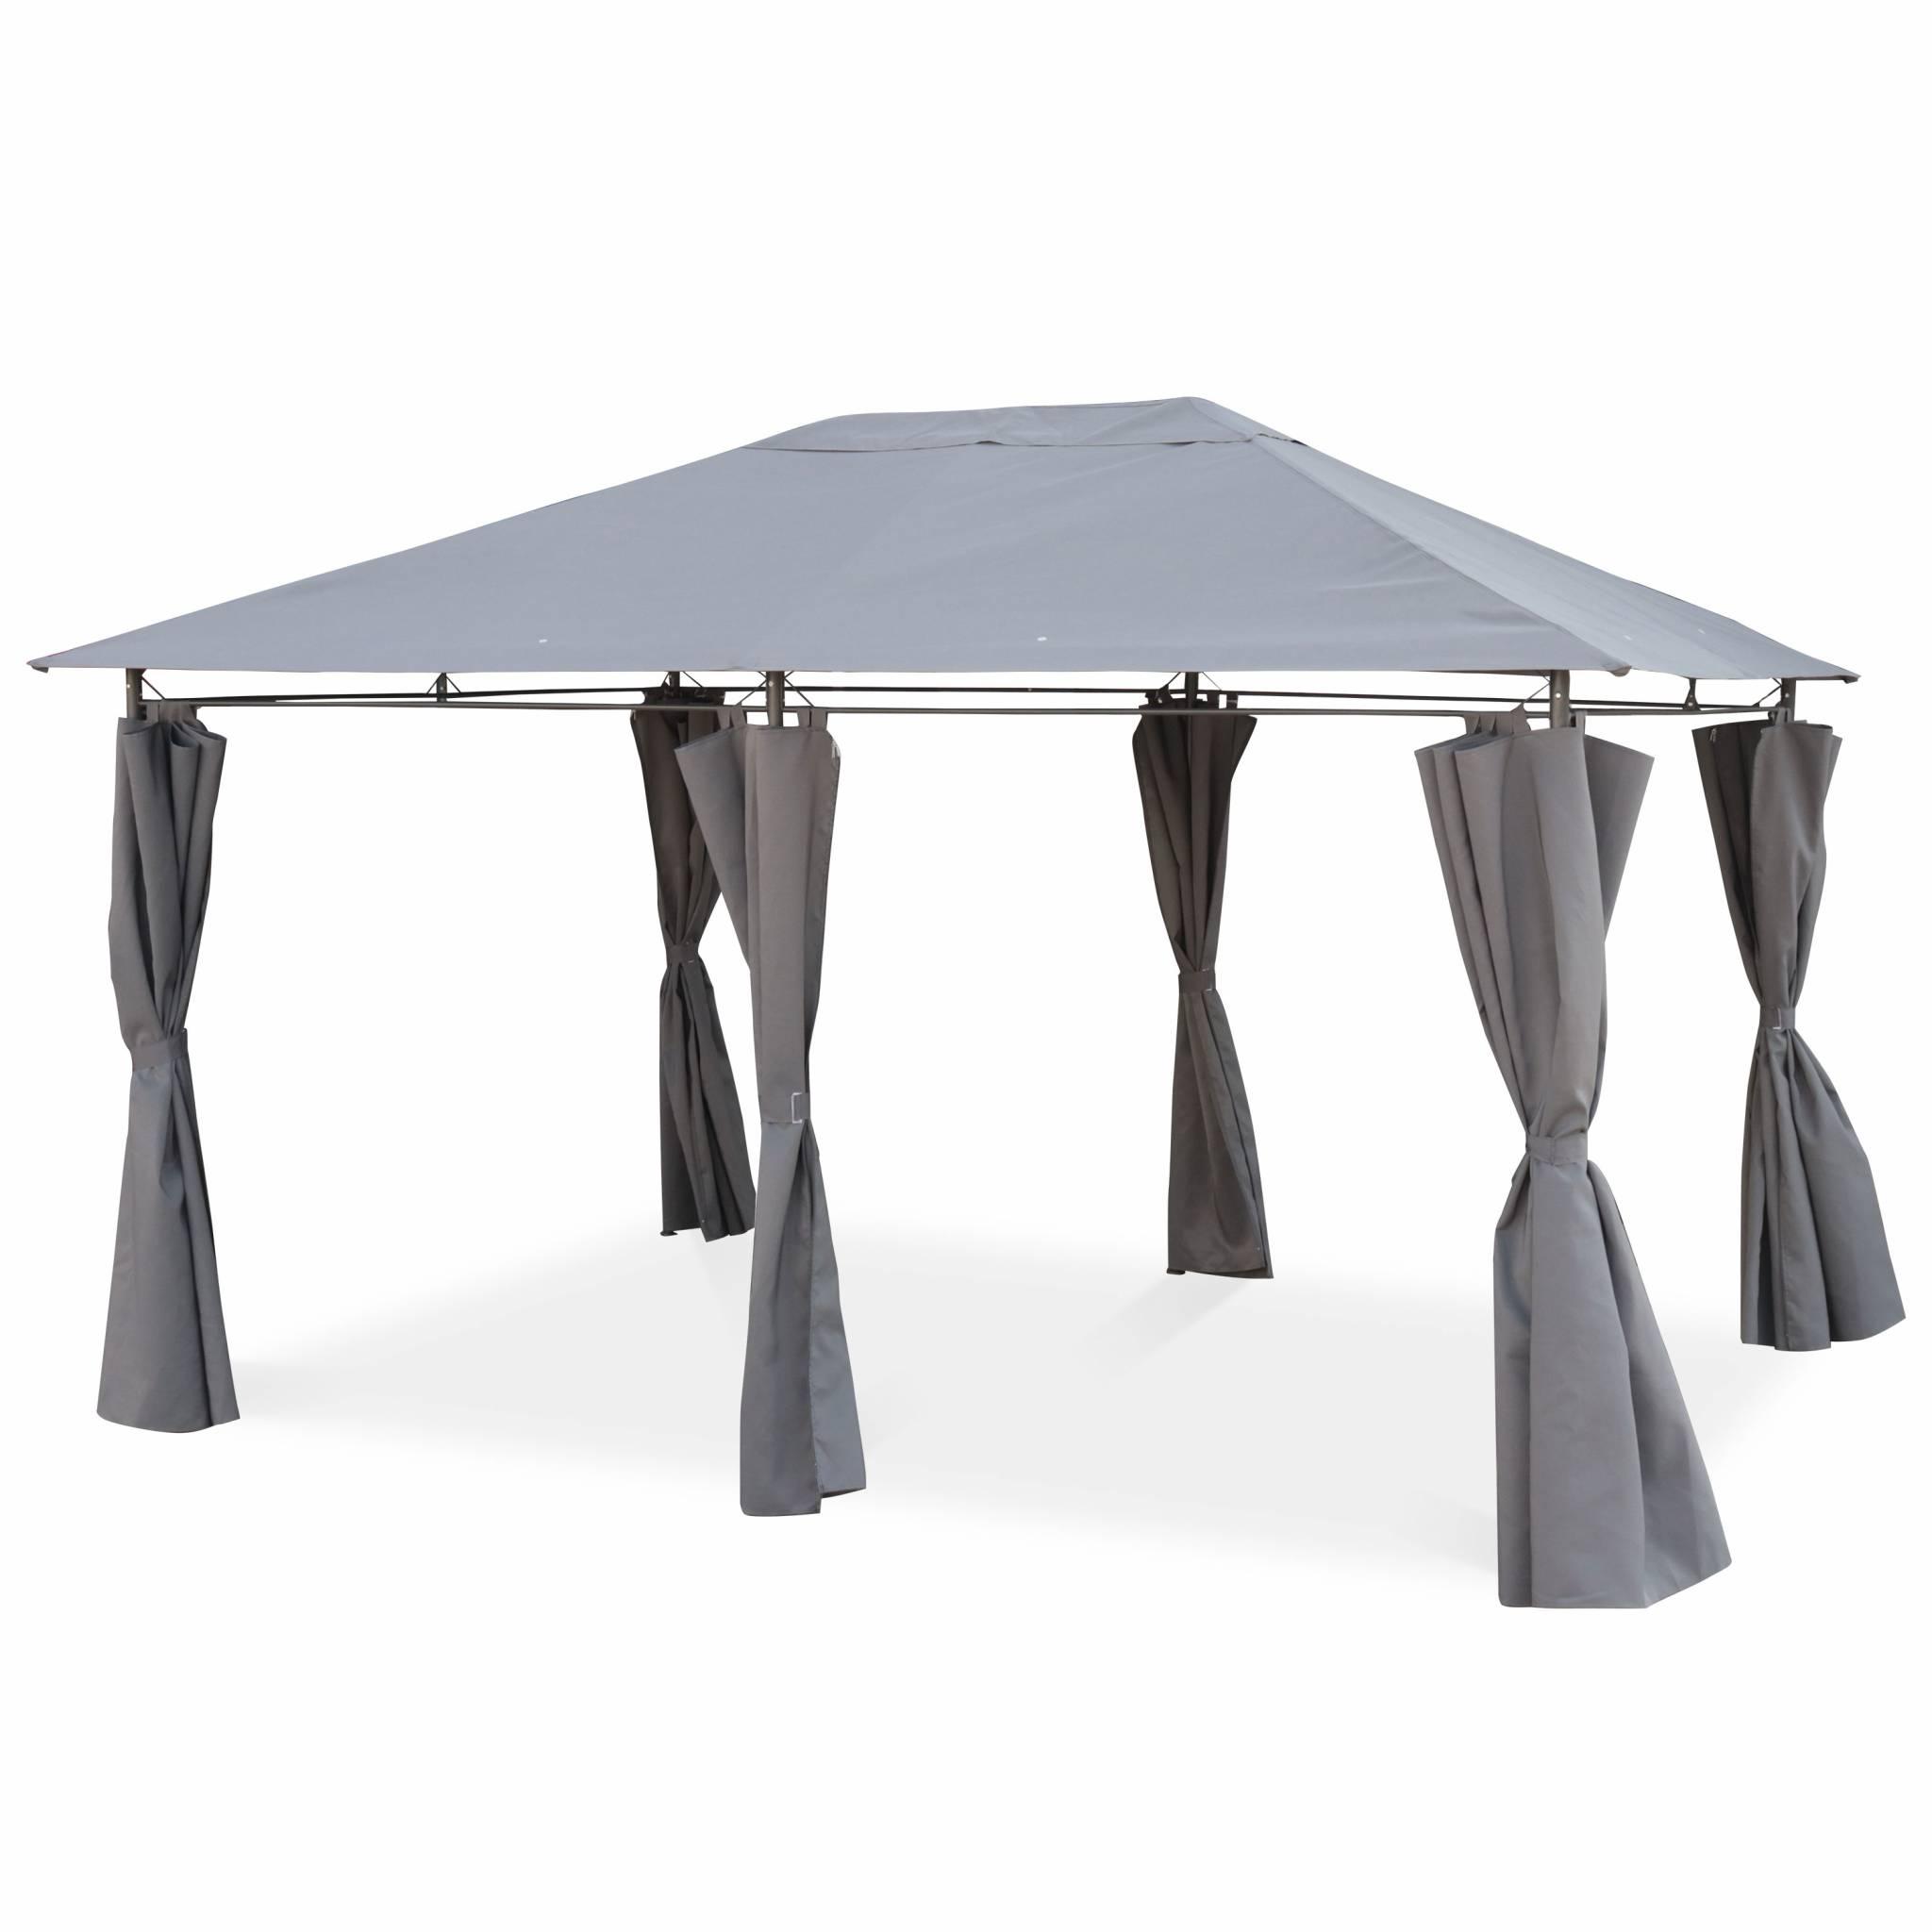 Pergola en acier renforcé avec rideaux en toile grise 3x4m